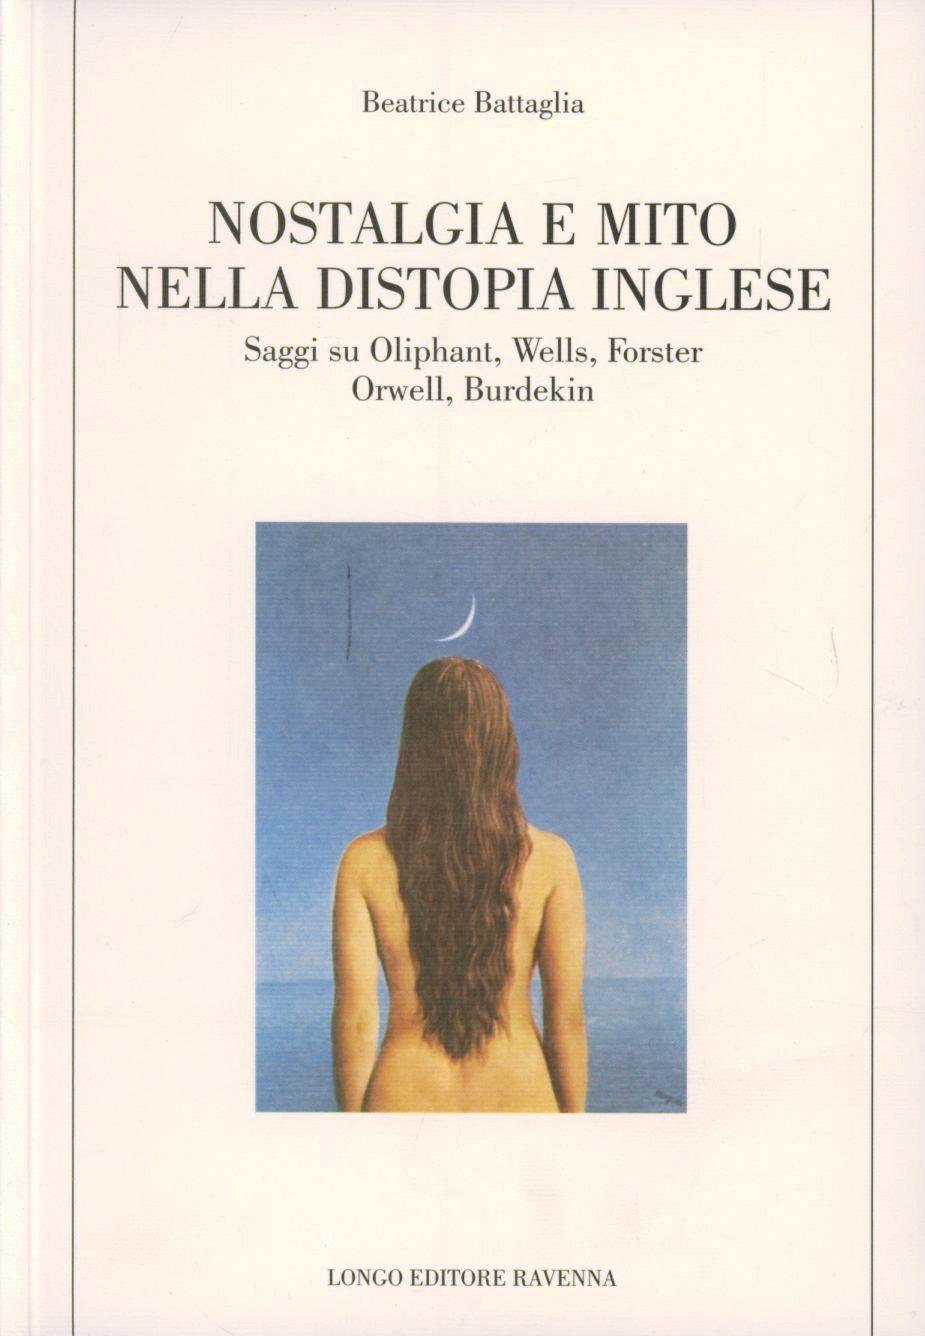 Nostalgia e mito nella distopia inglese. Saggi su Oliphant, Wells, Forster, Orwell, Burdekin